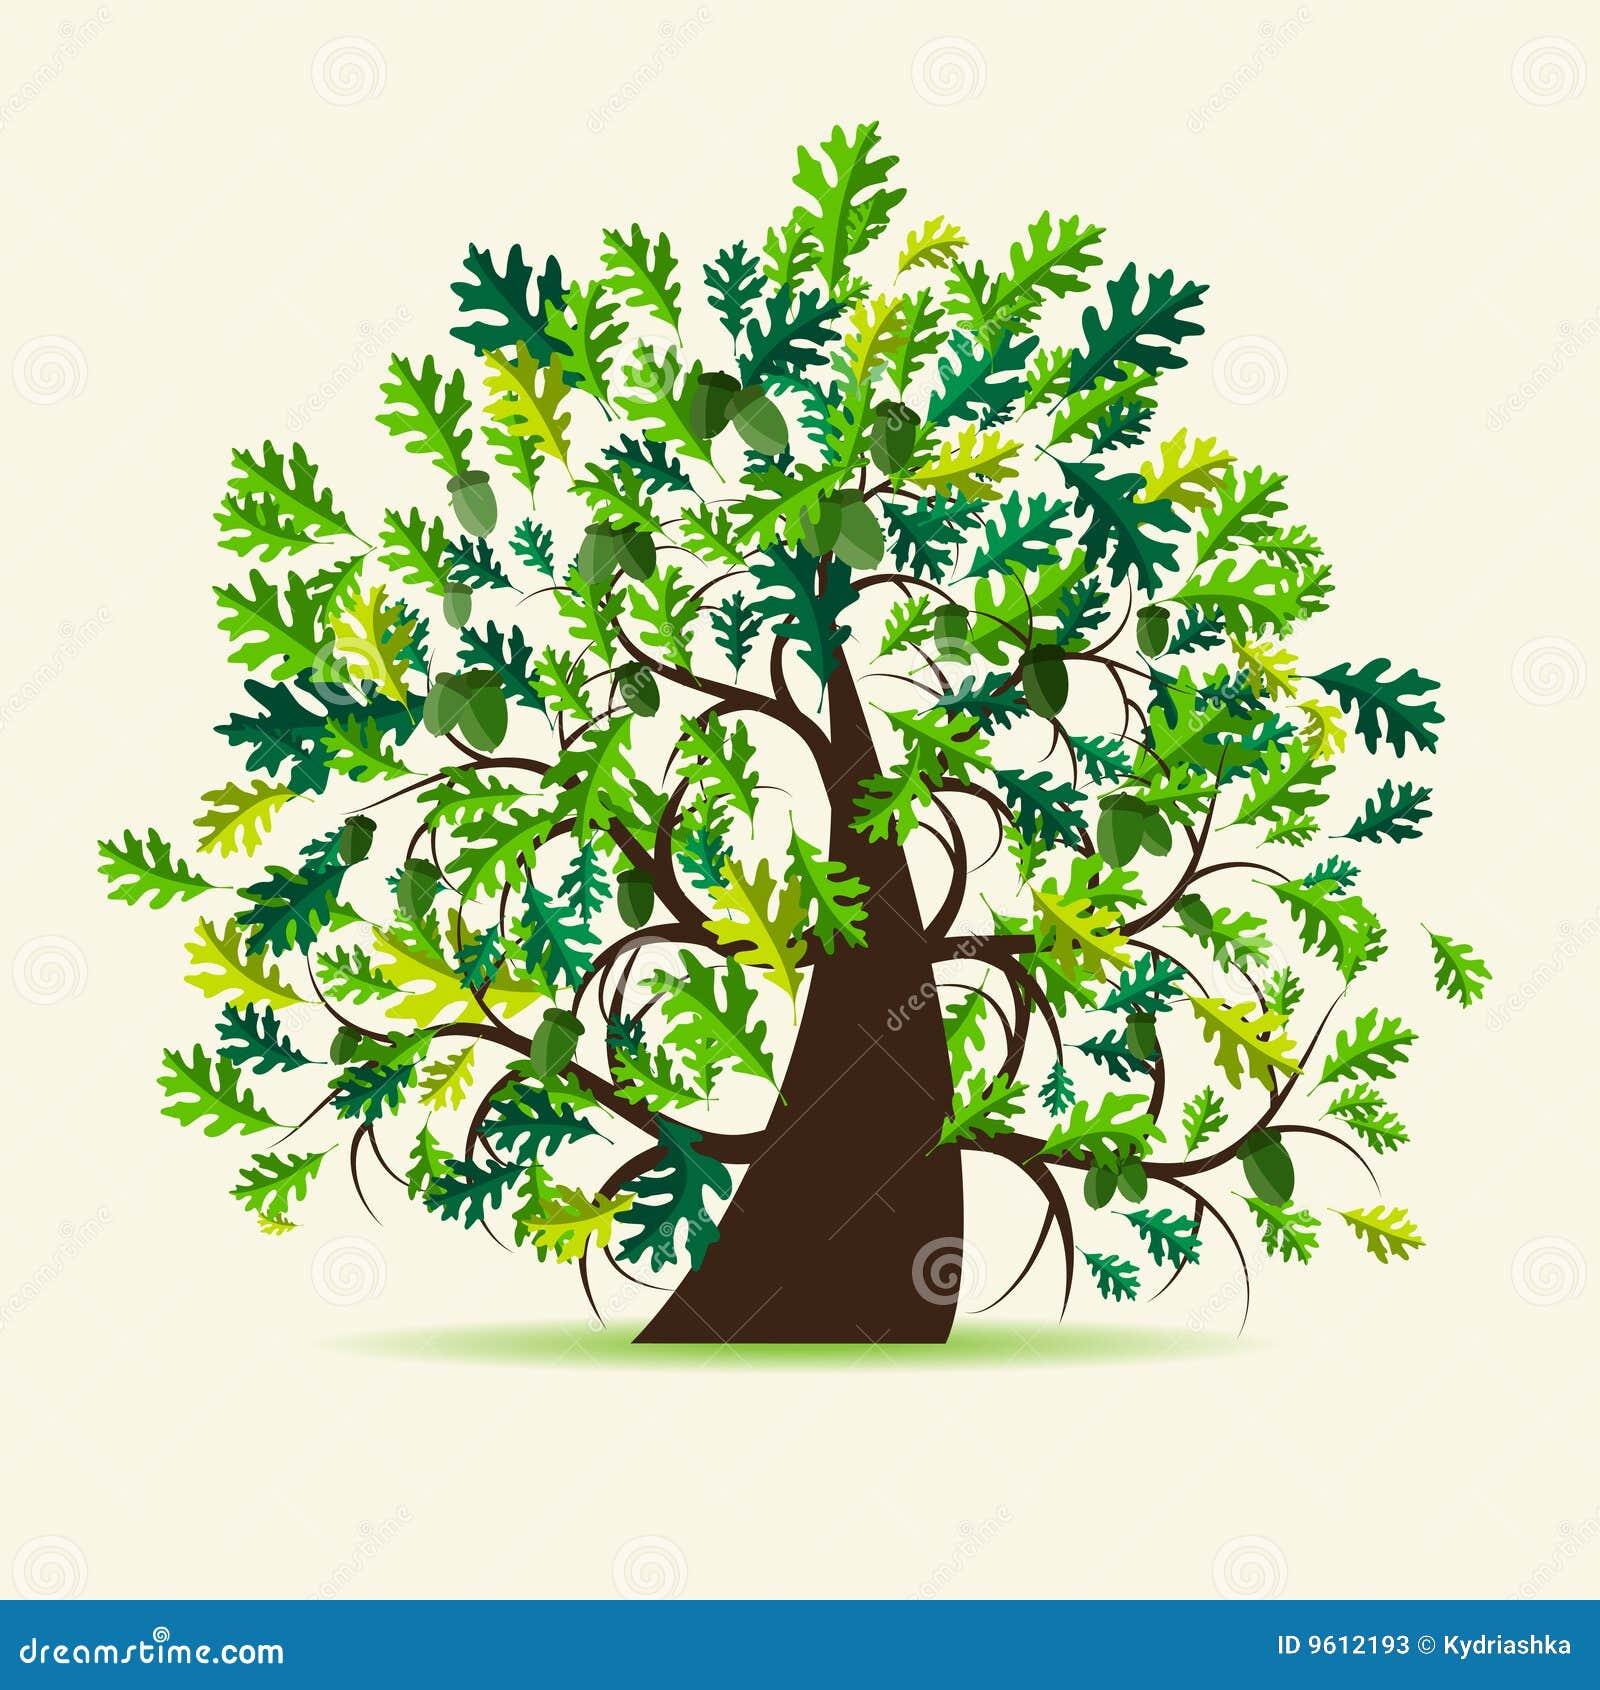 Рисунок дерева дуба с желудями 4